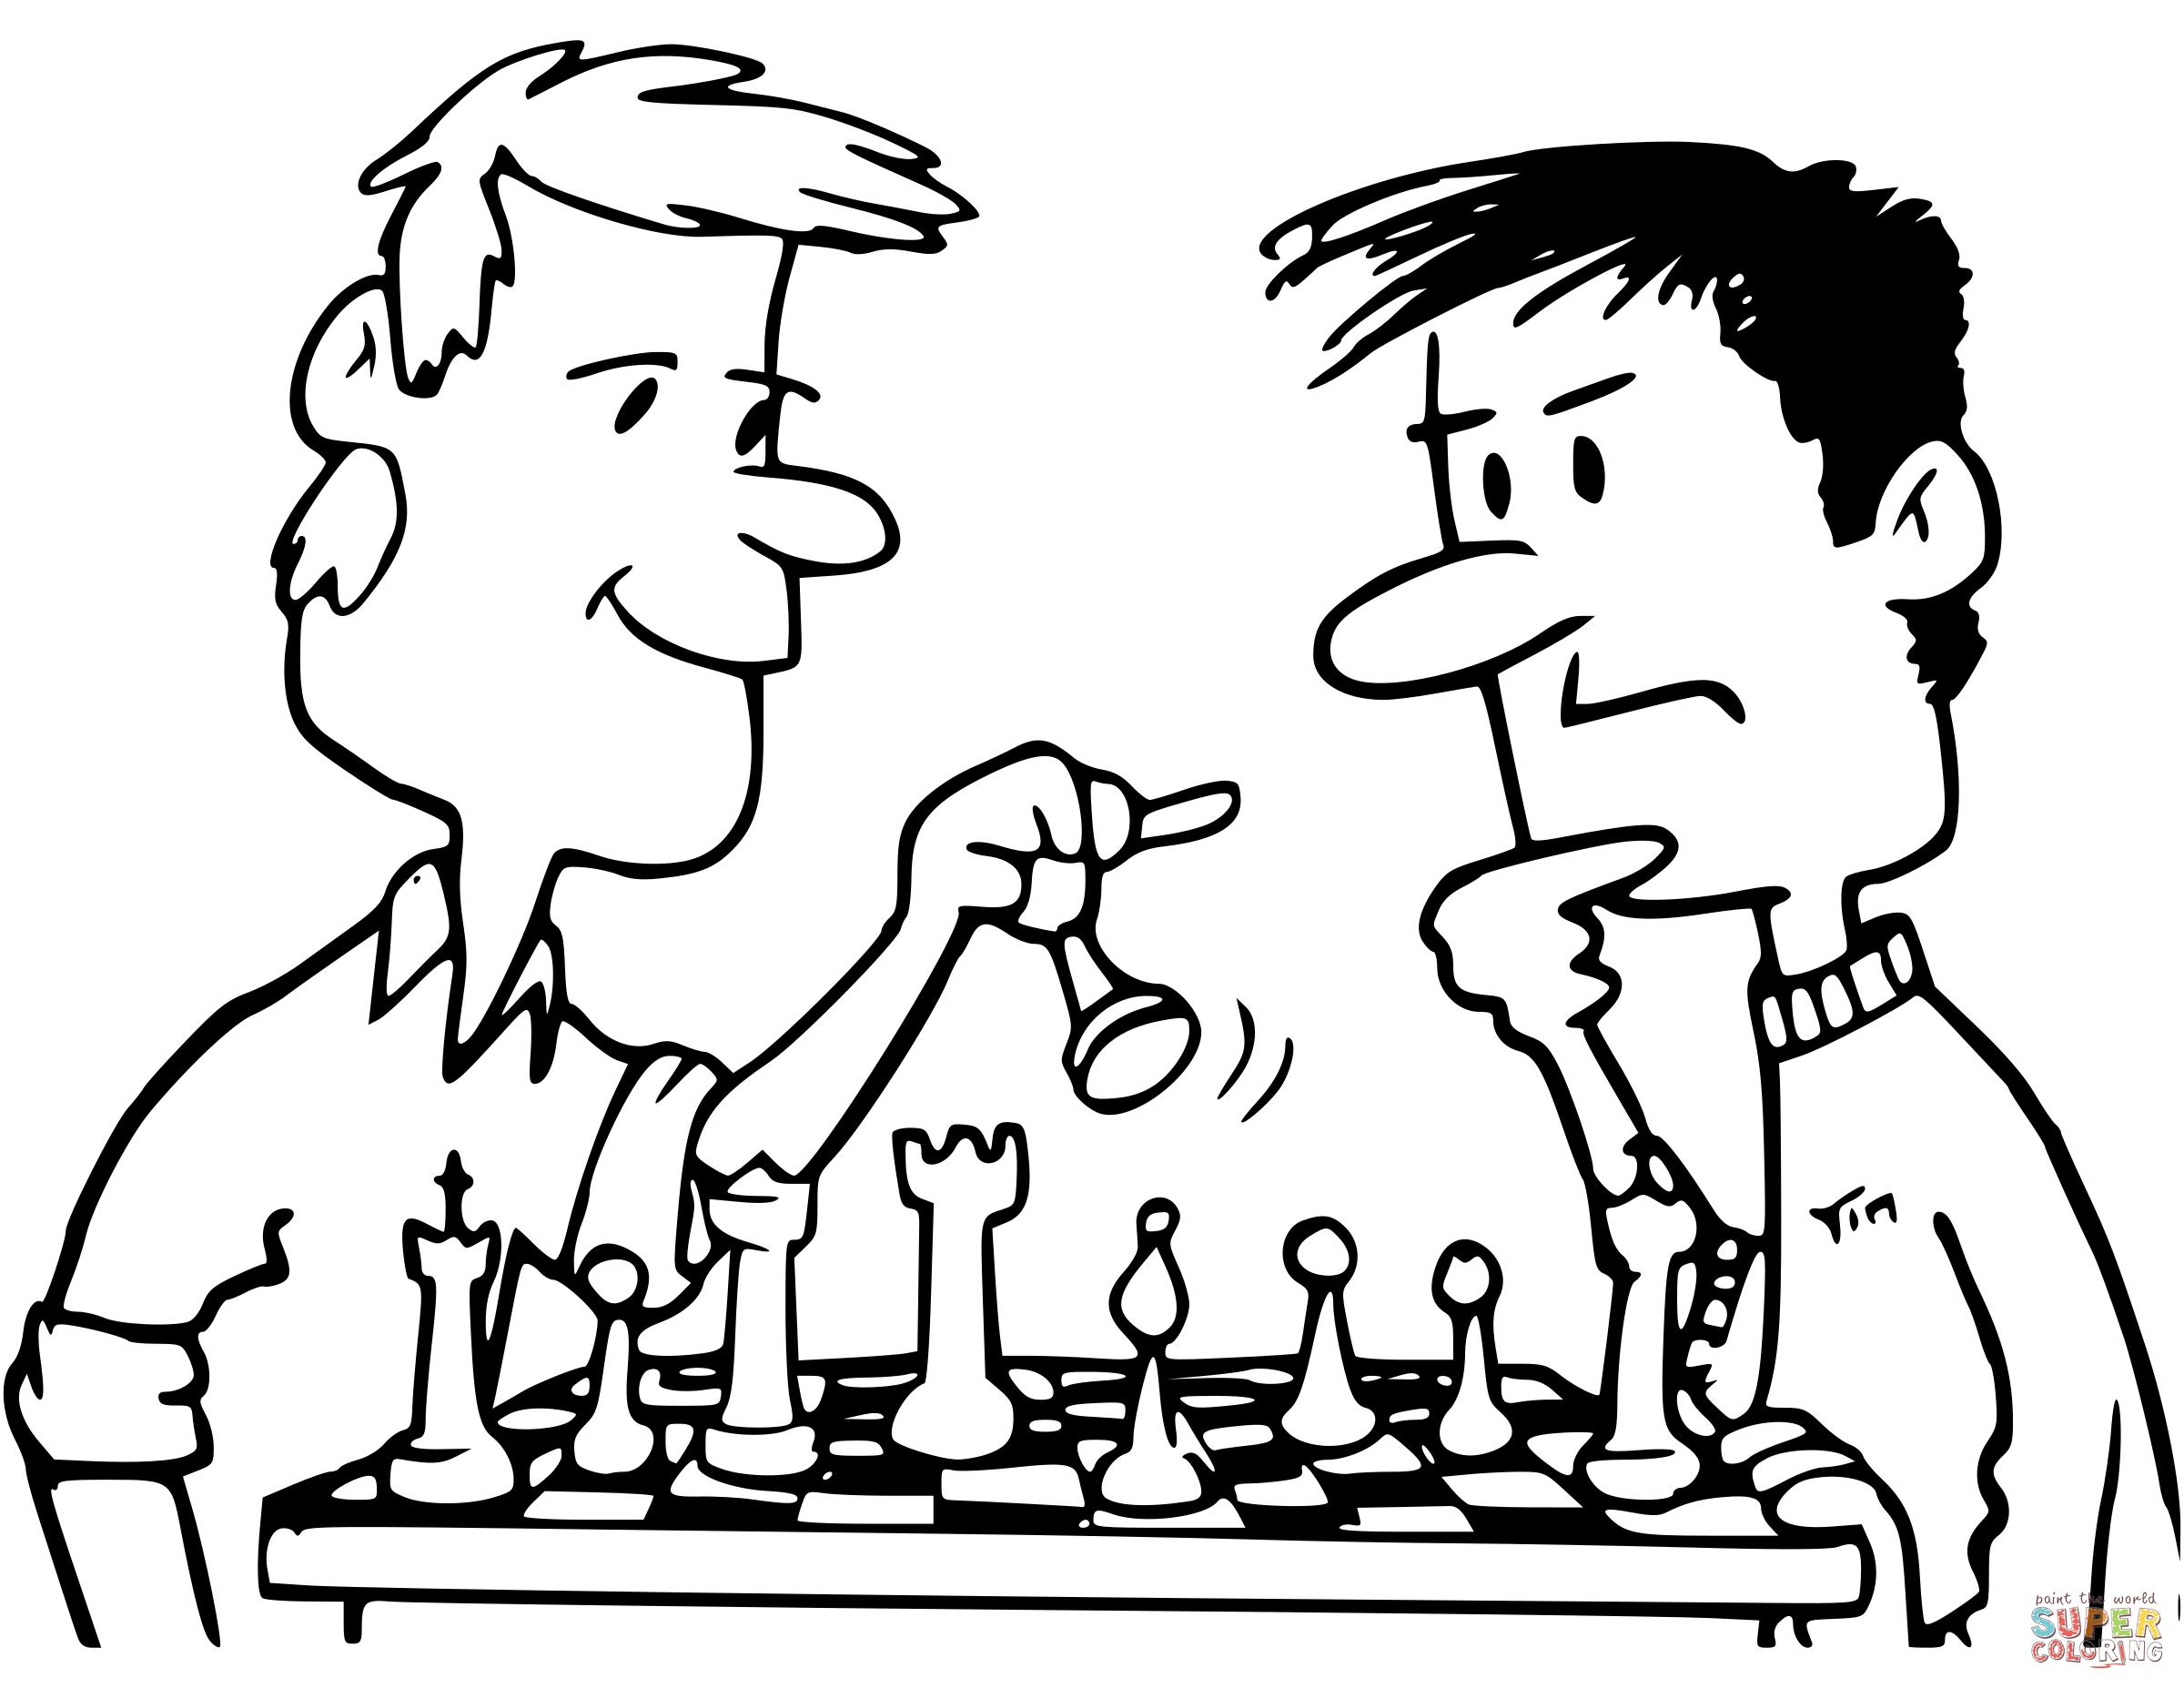 Dibujos de ajedrez para colorear la partida